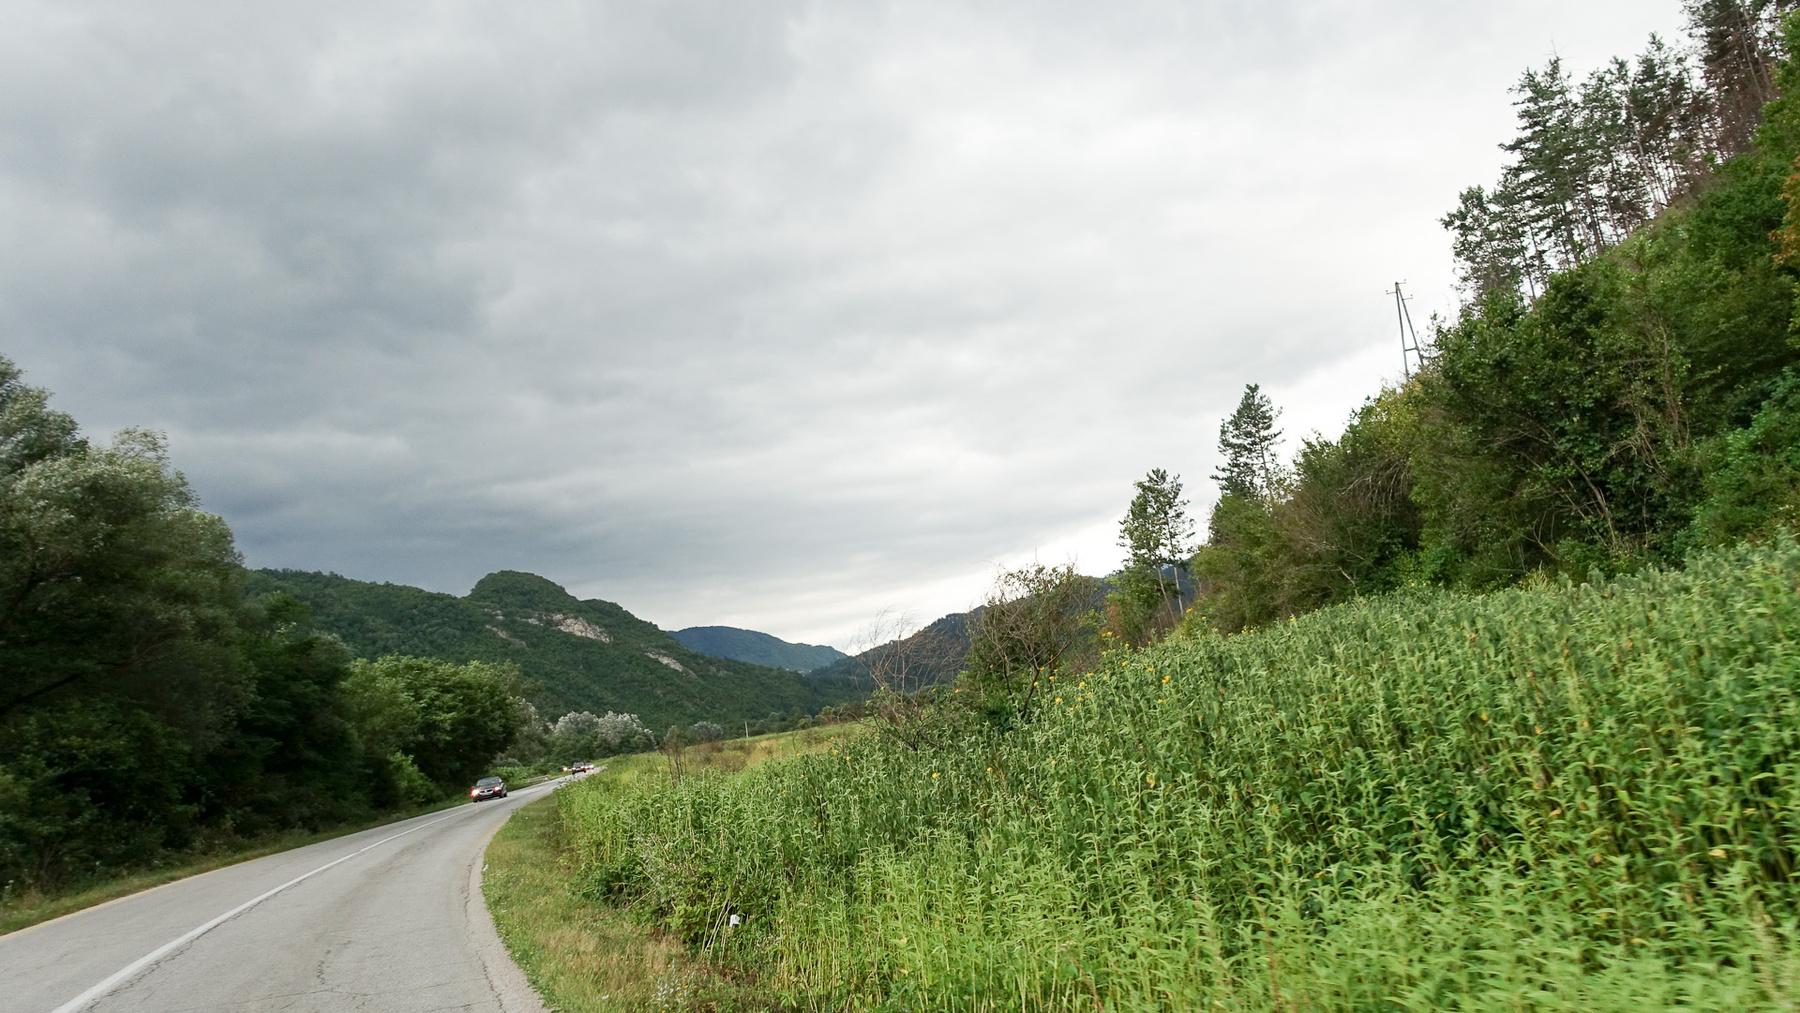 Ha jól tippelem, ez a Drina